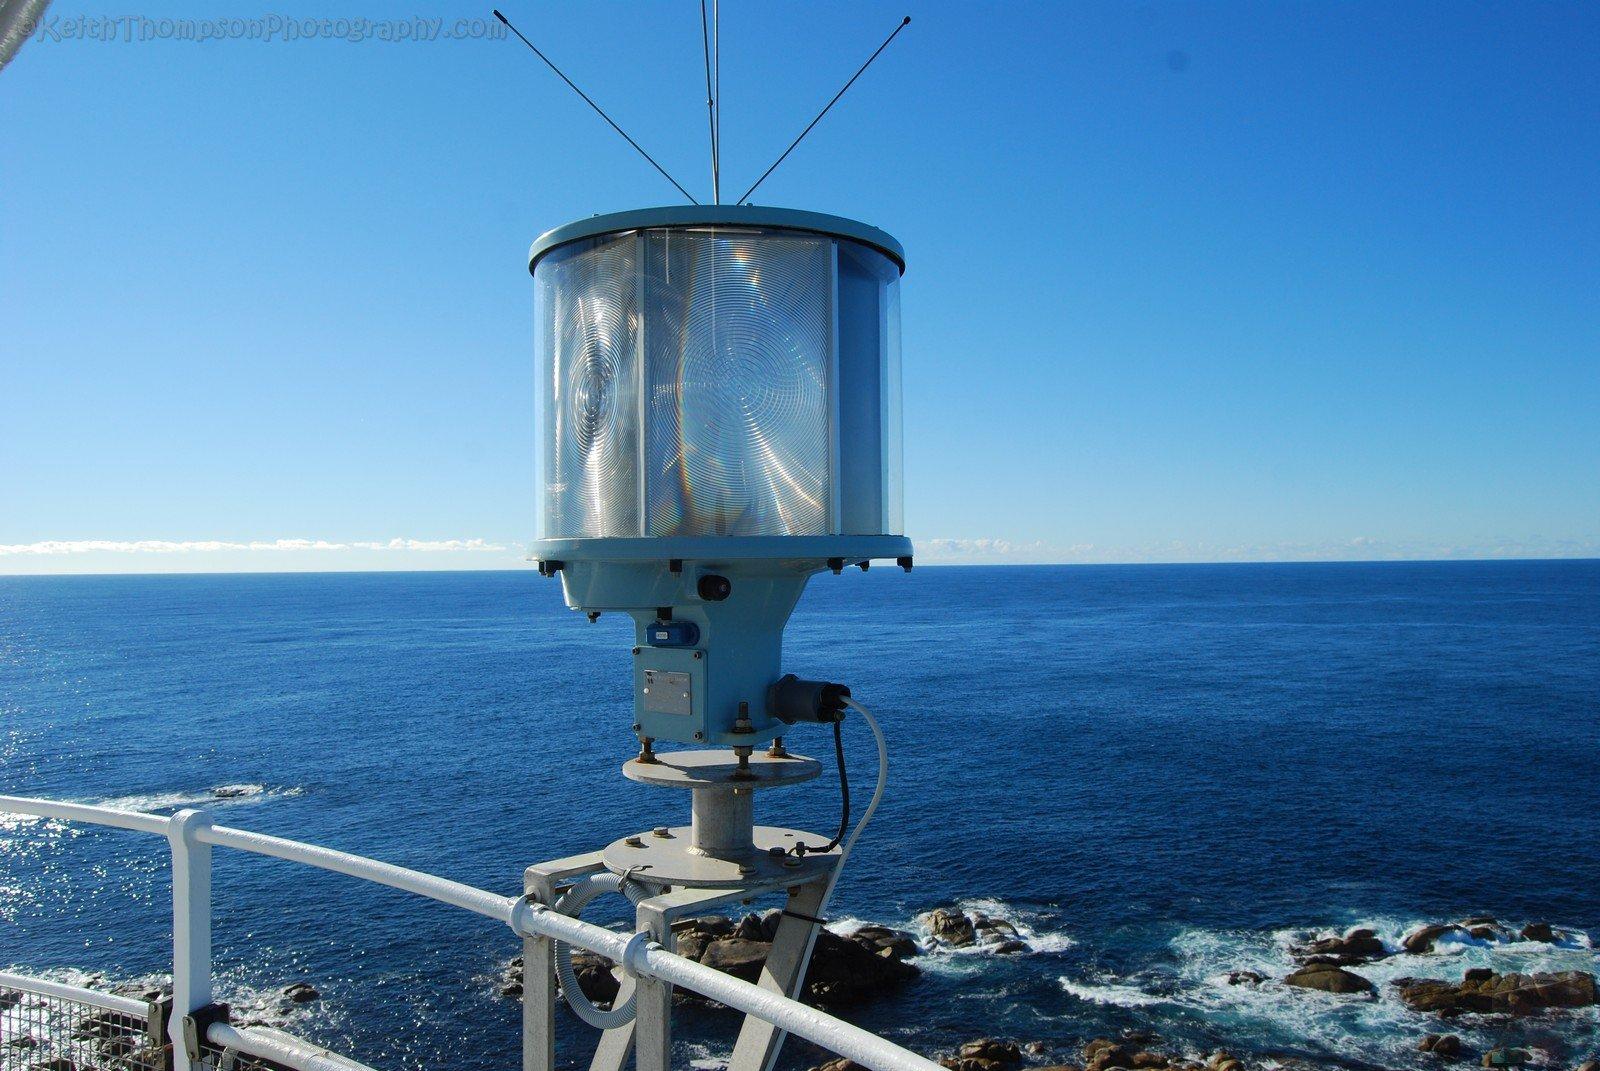 Eddystone Point.031 12h40m13s2019 06 20